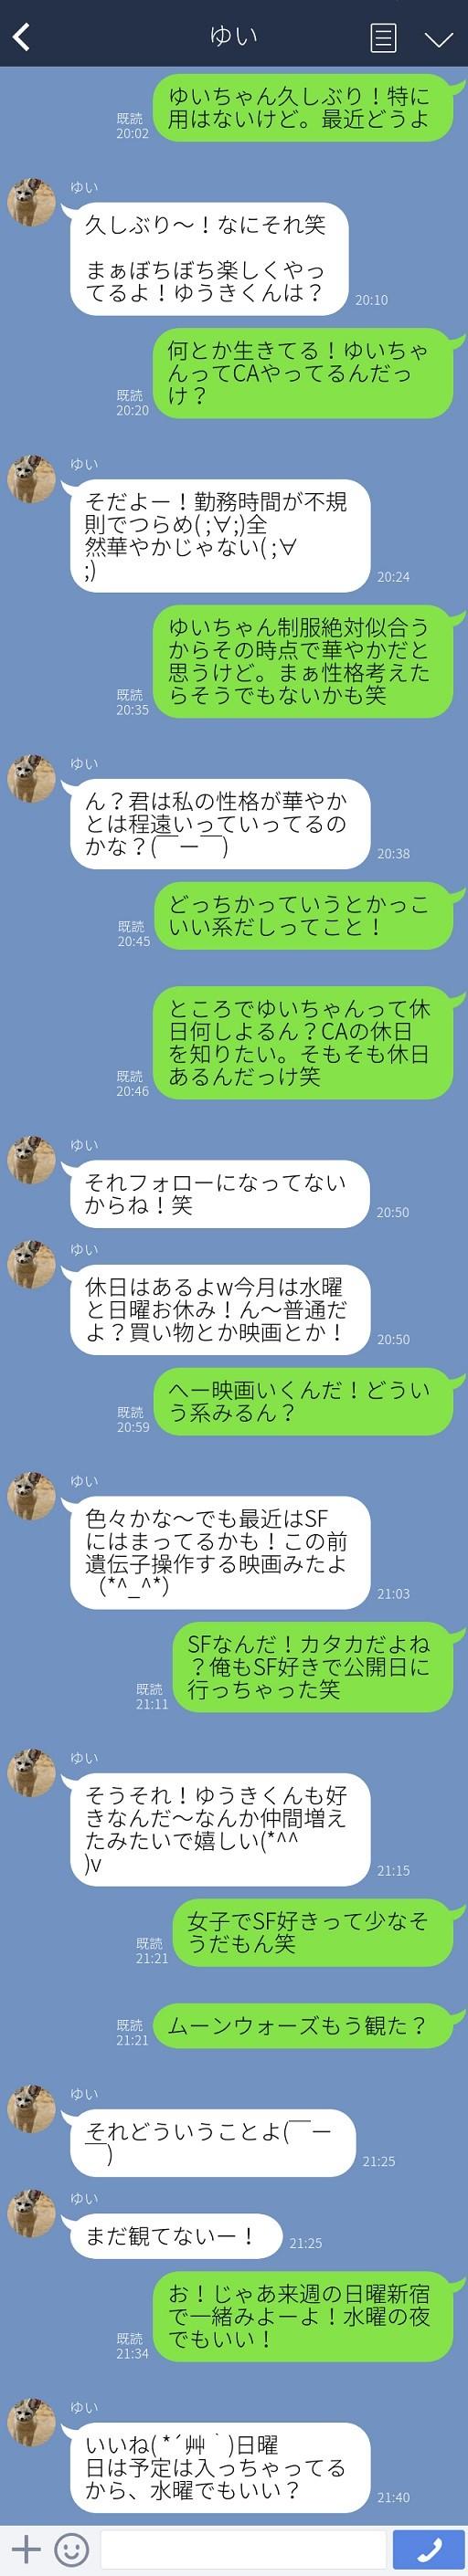 f:id:reo_koikawa:20170305133503j:plain